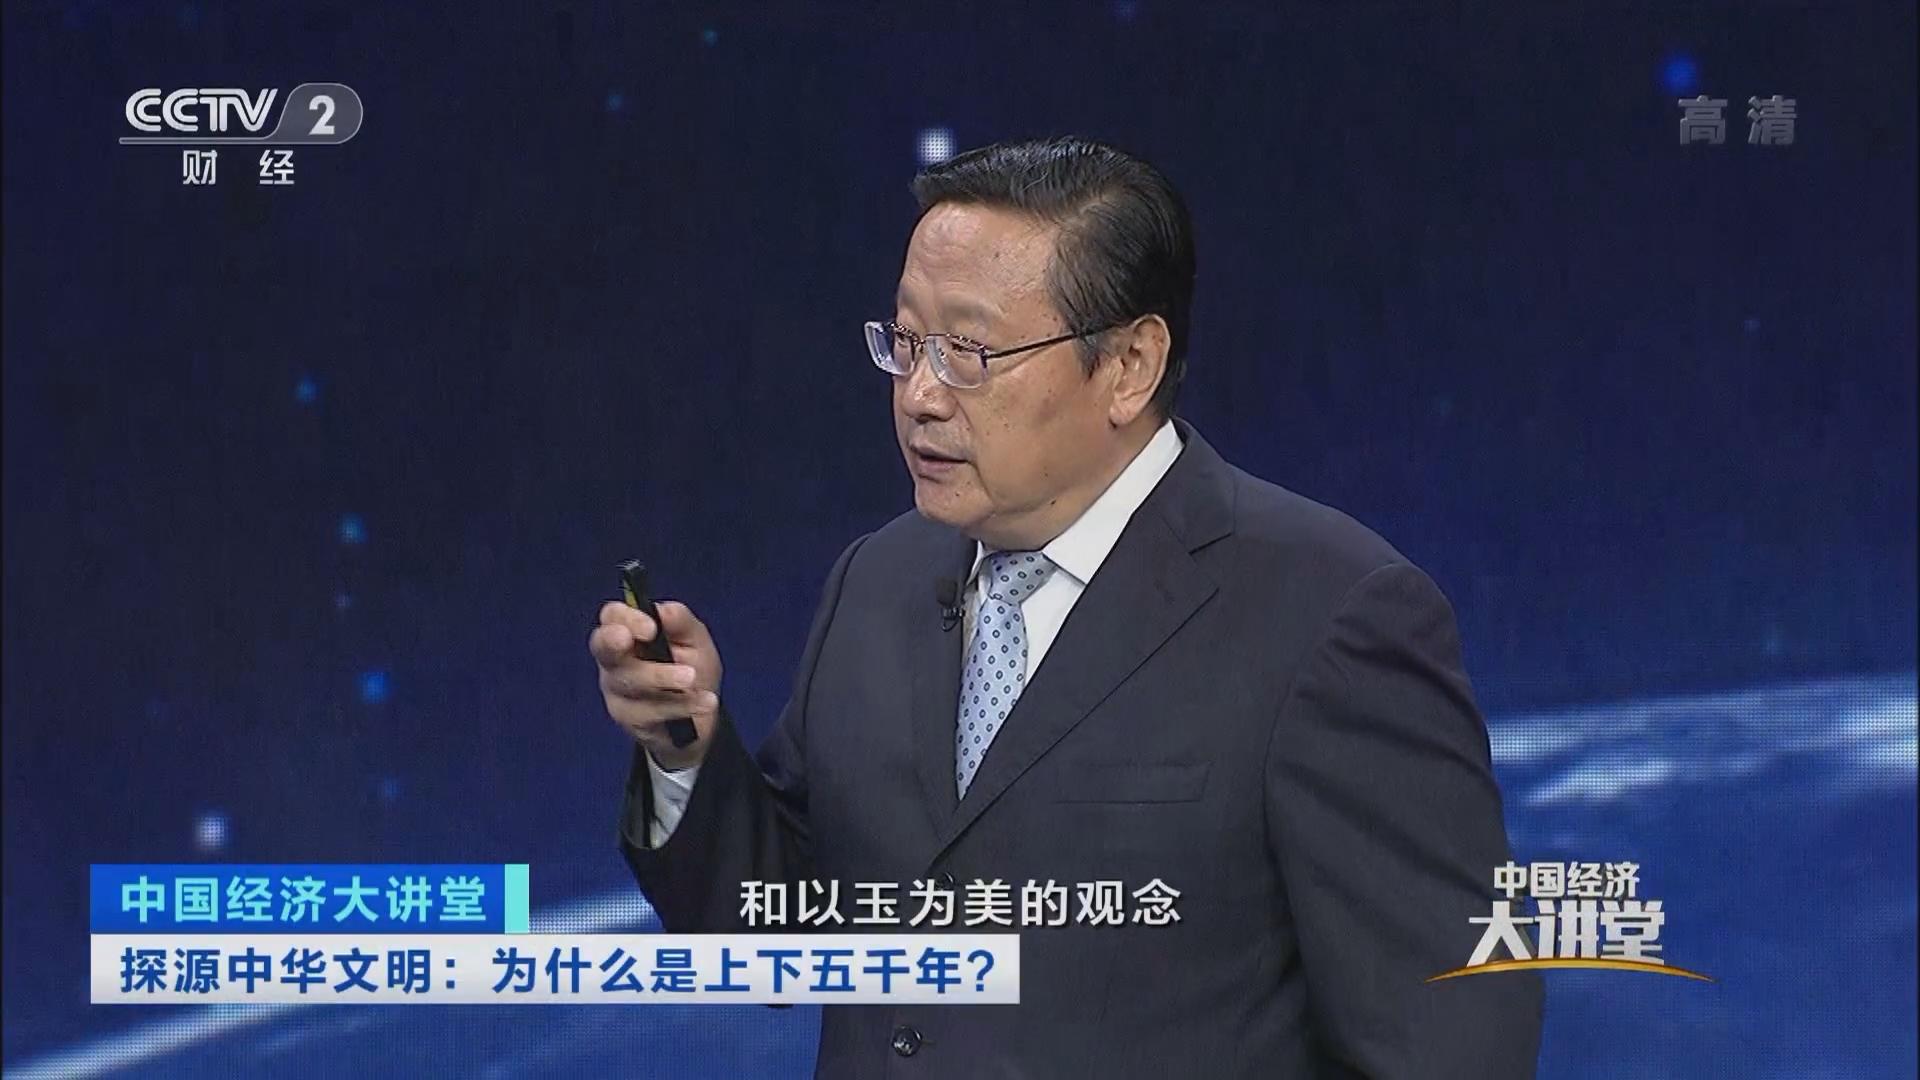 《中国经济大讲堂》 20211017 探源中华文明:为什么是上下五千年?